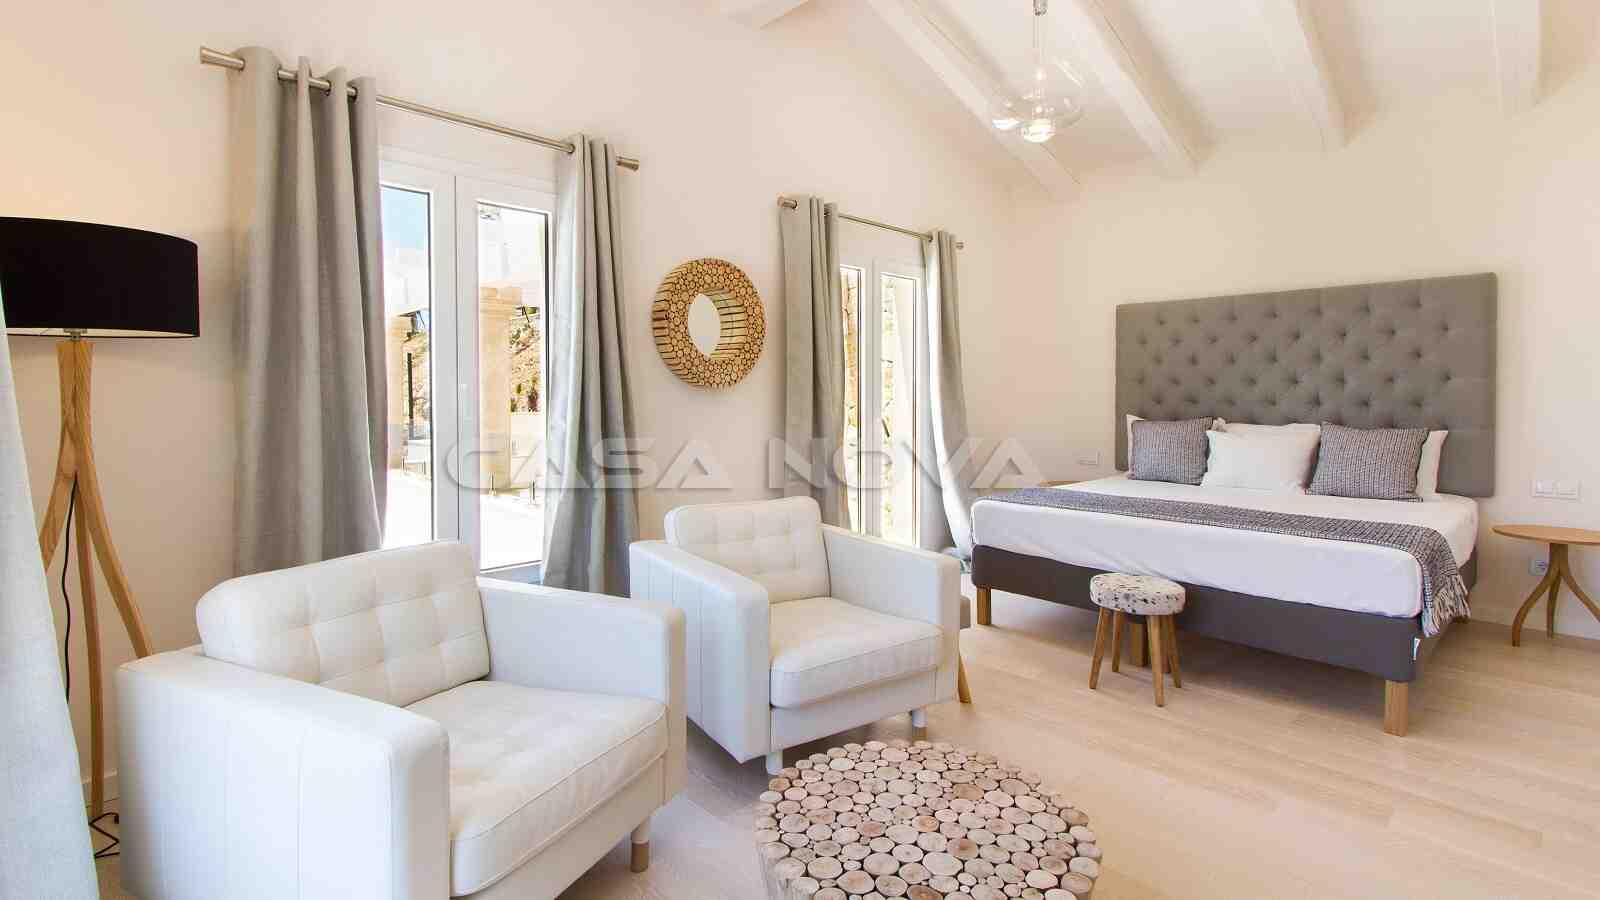 Ref. 2401735 - Elegantes Doppelschlafzimmer mit Sitzecke